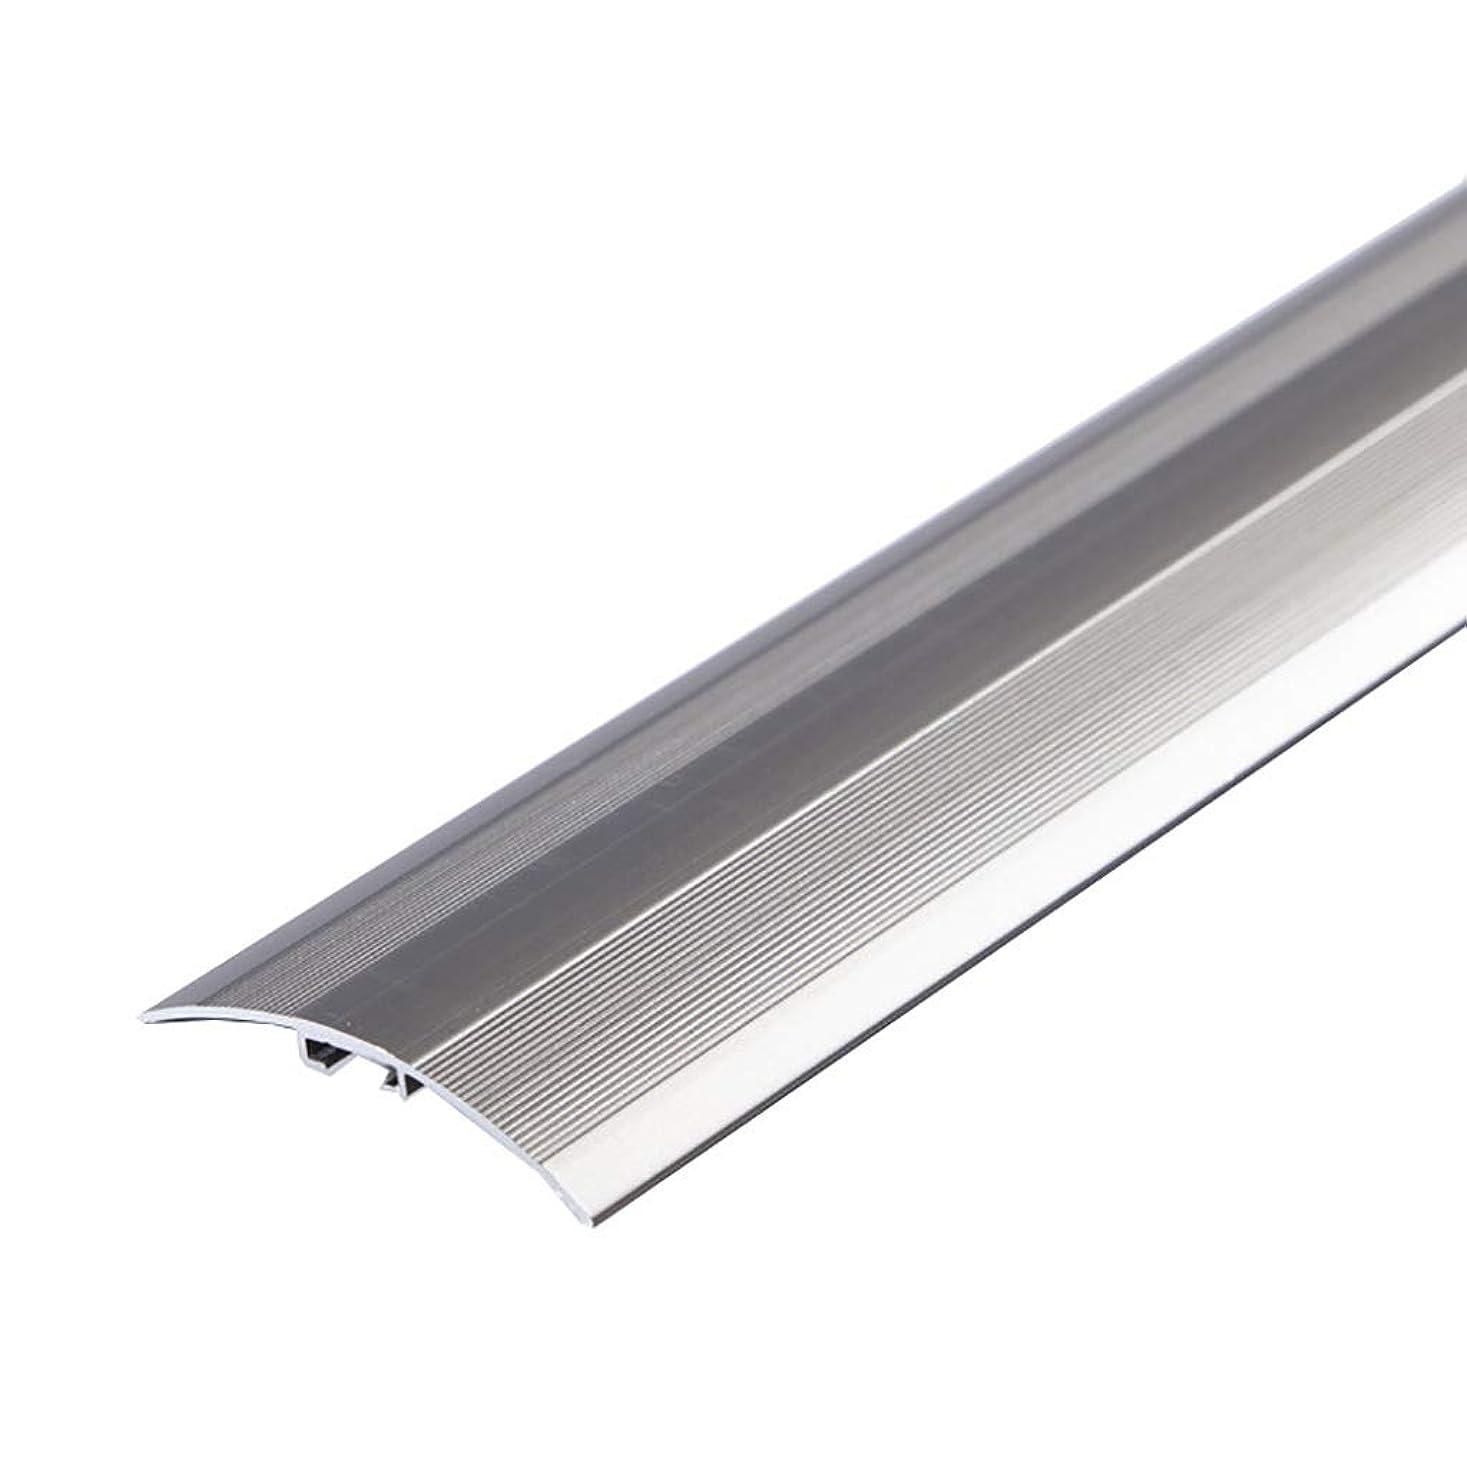 ゲート抹消トランペットしきい値ストリップ 木製の床エッジストリップレイヤリング出入り口のしきい値ドアの縫い目を通すユニバーサルバックルしきい値の石、W4CM (色 : A)